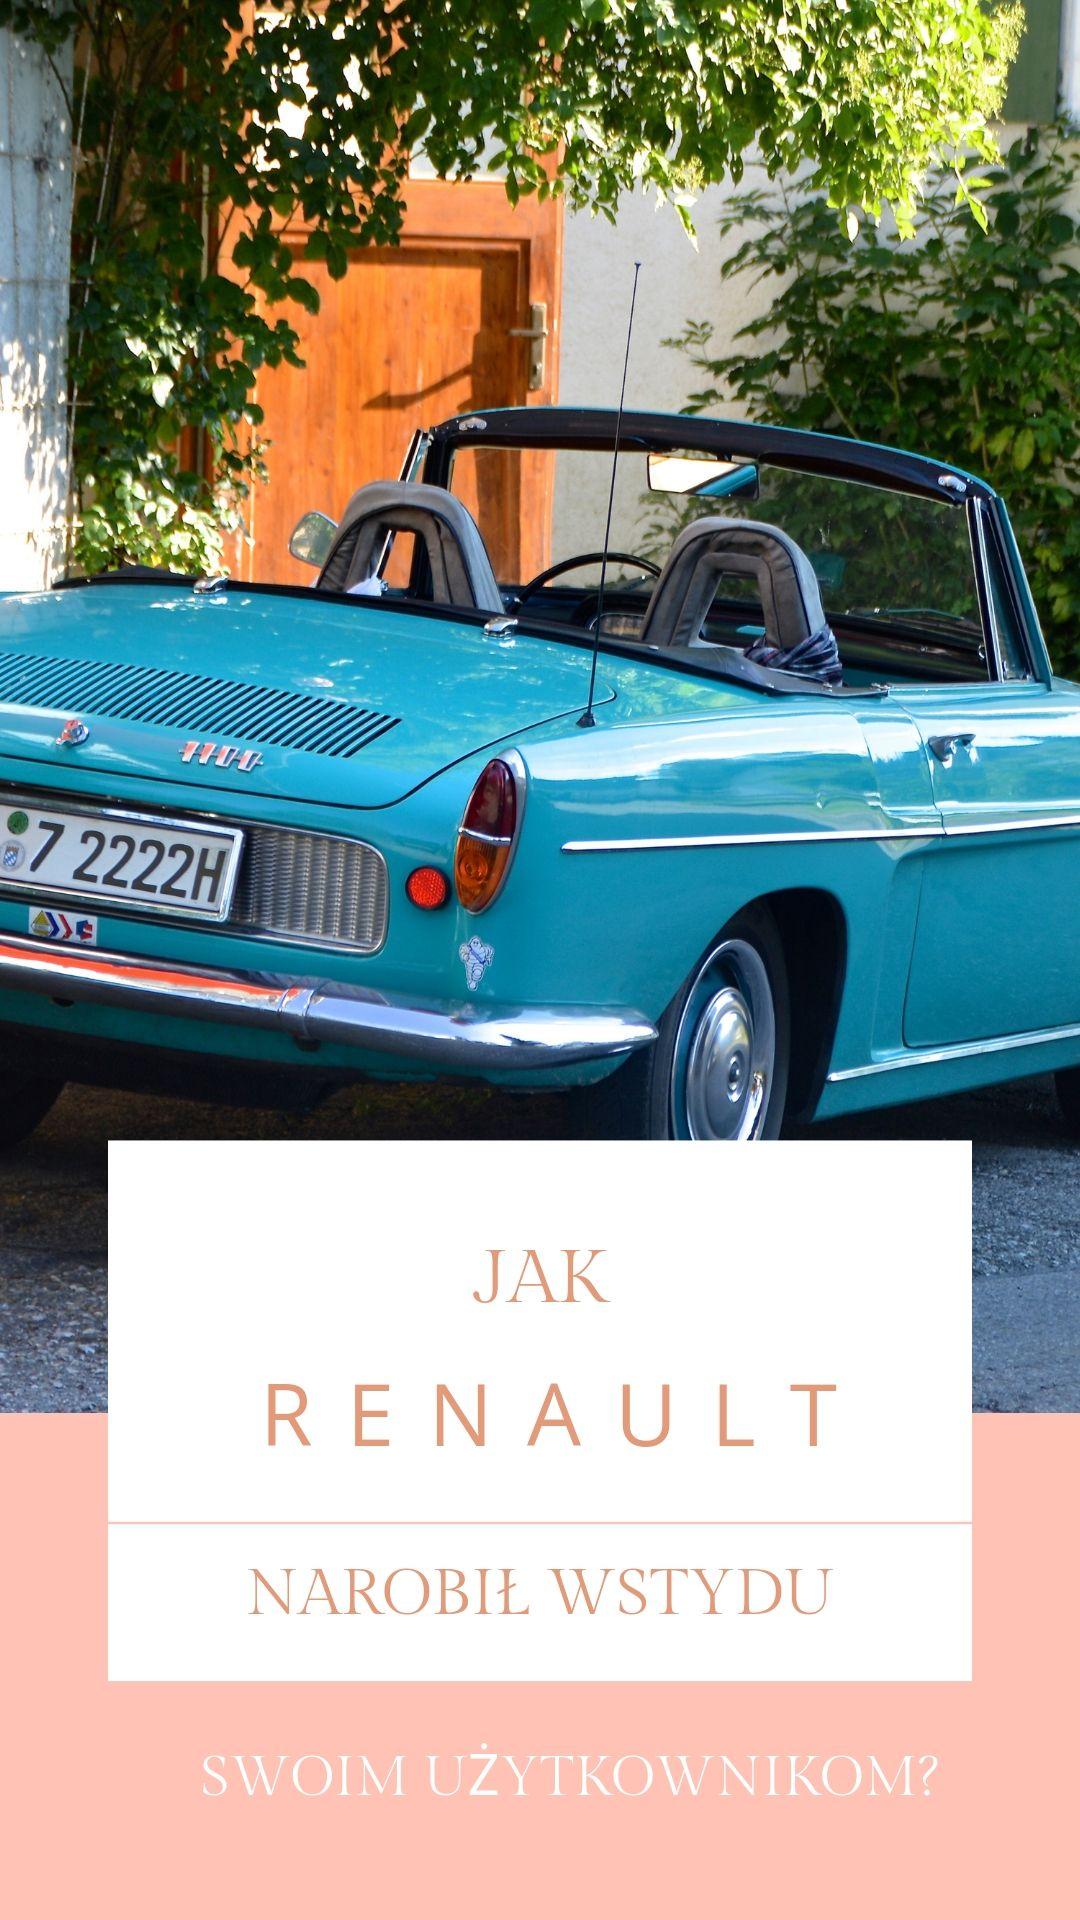 Jak Renault narobił wstydu swoim użytkownikom?